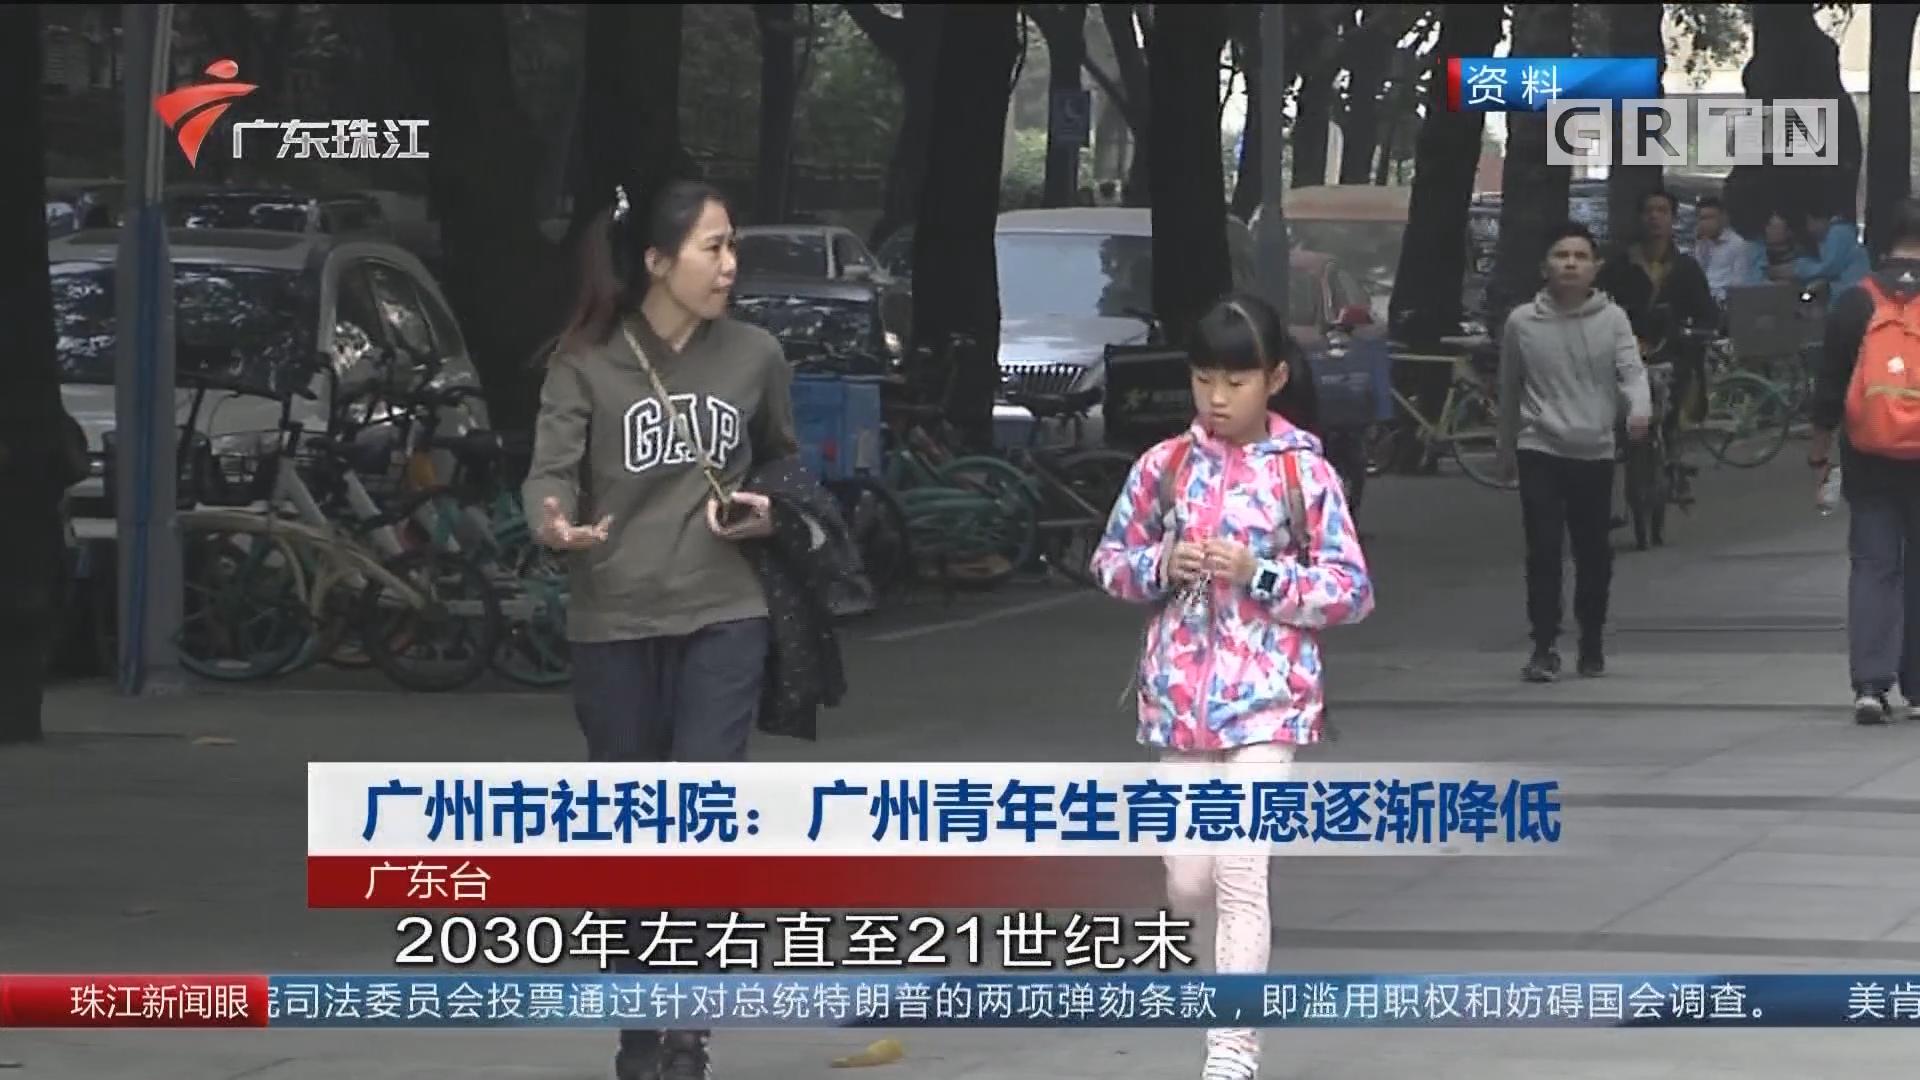 广州市社科院:广州青年生育意愿逐渐降低